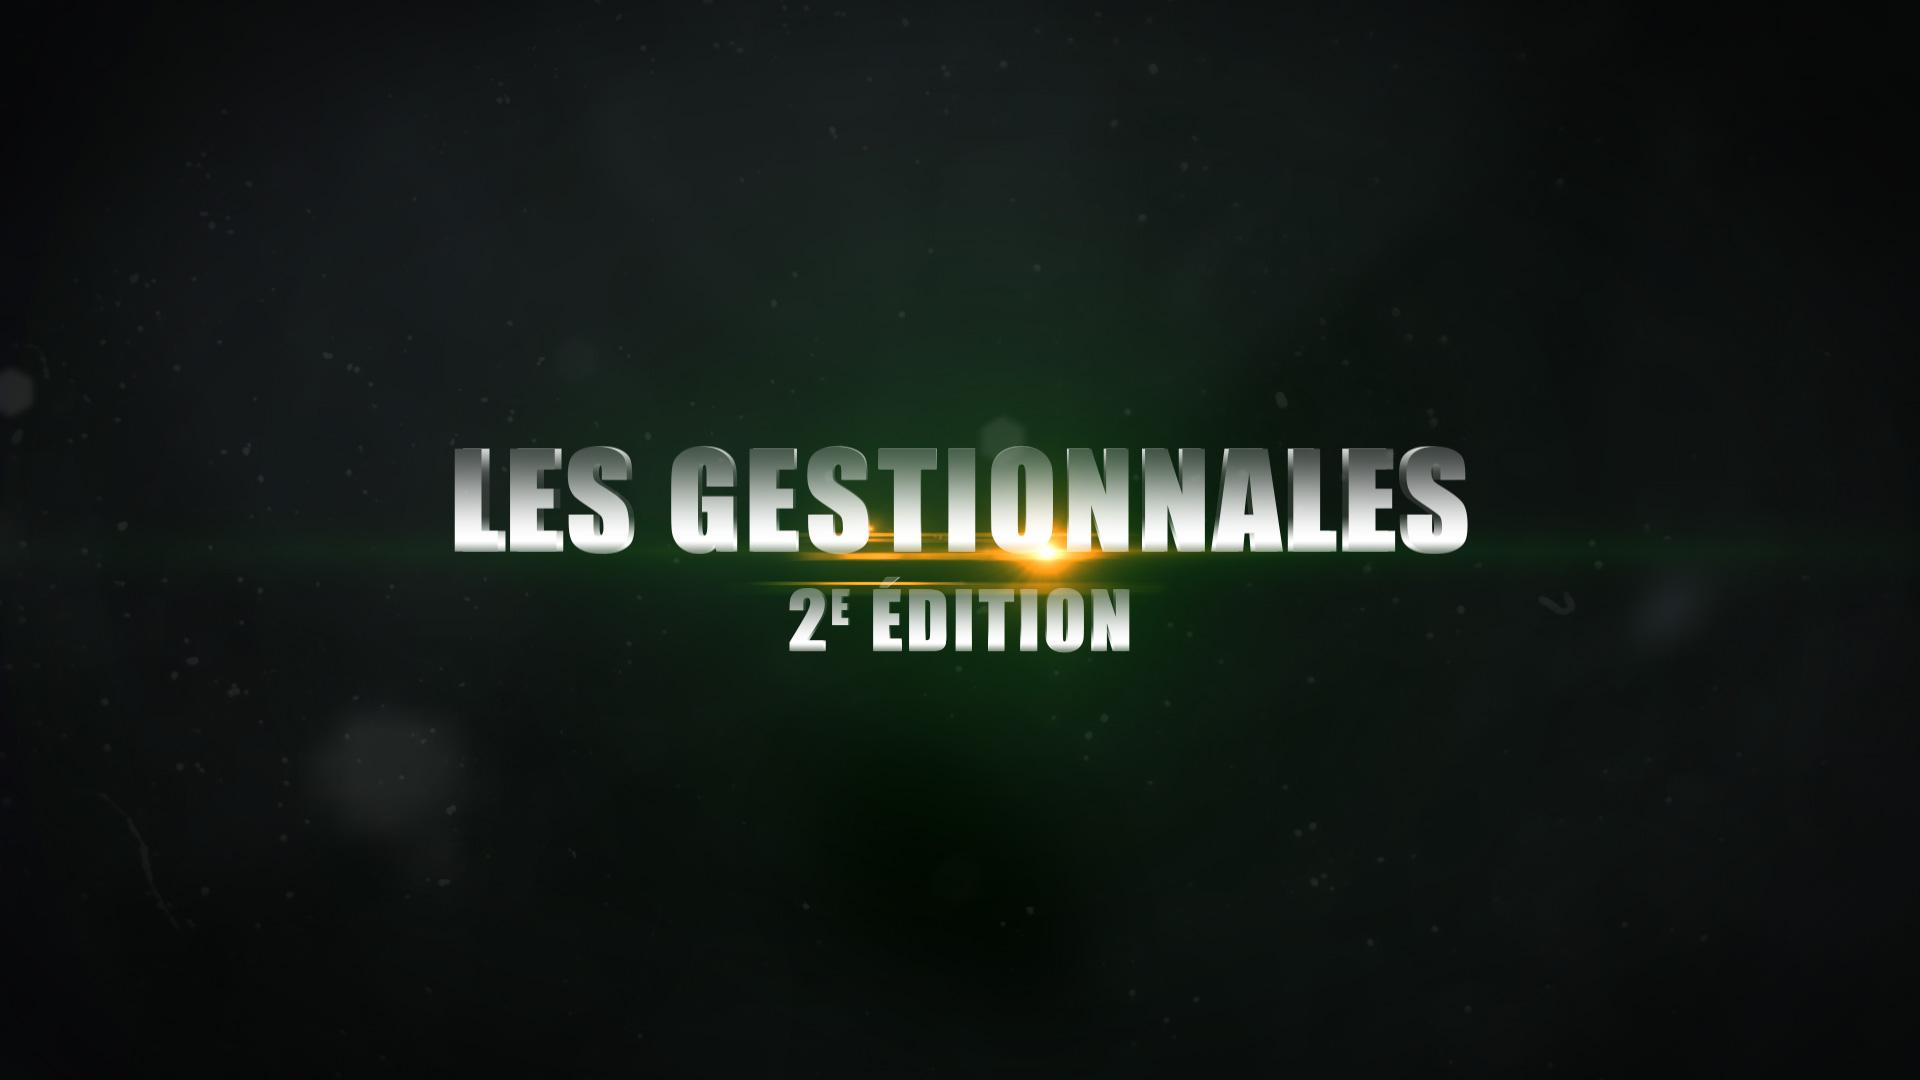 Gestionnales - 2018 - Marrakech - Teaser